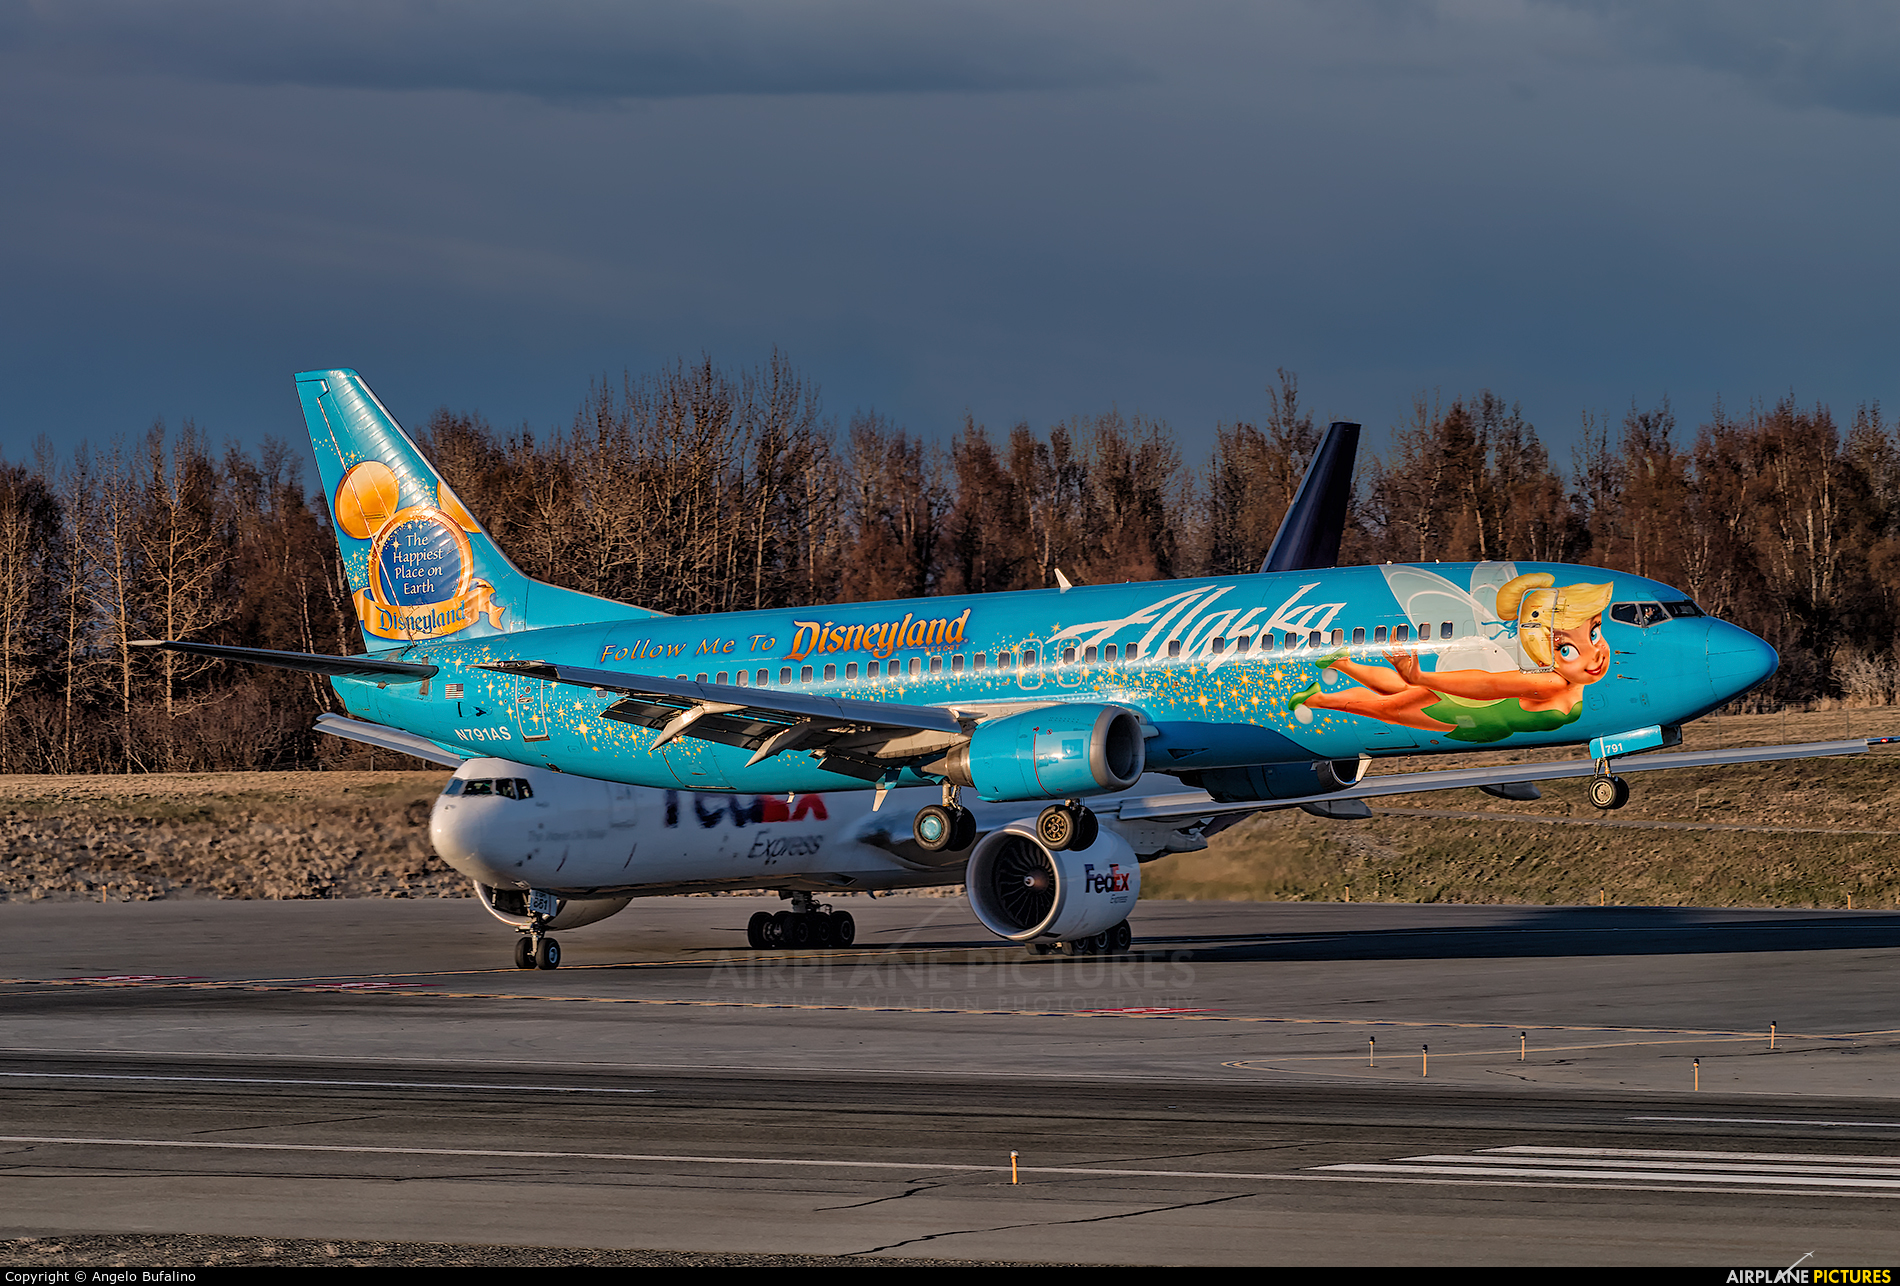 Alaska Airlines N791AS aircraft at Anchorage - Ted Stevens Intl / Kulis Air National Guard Base